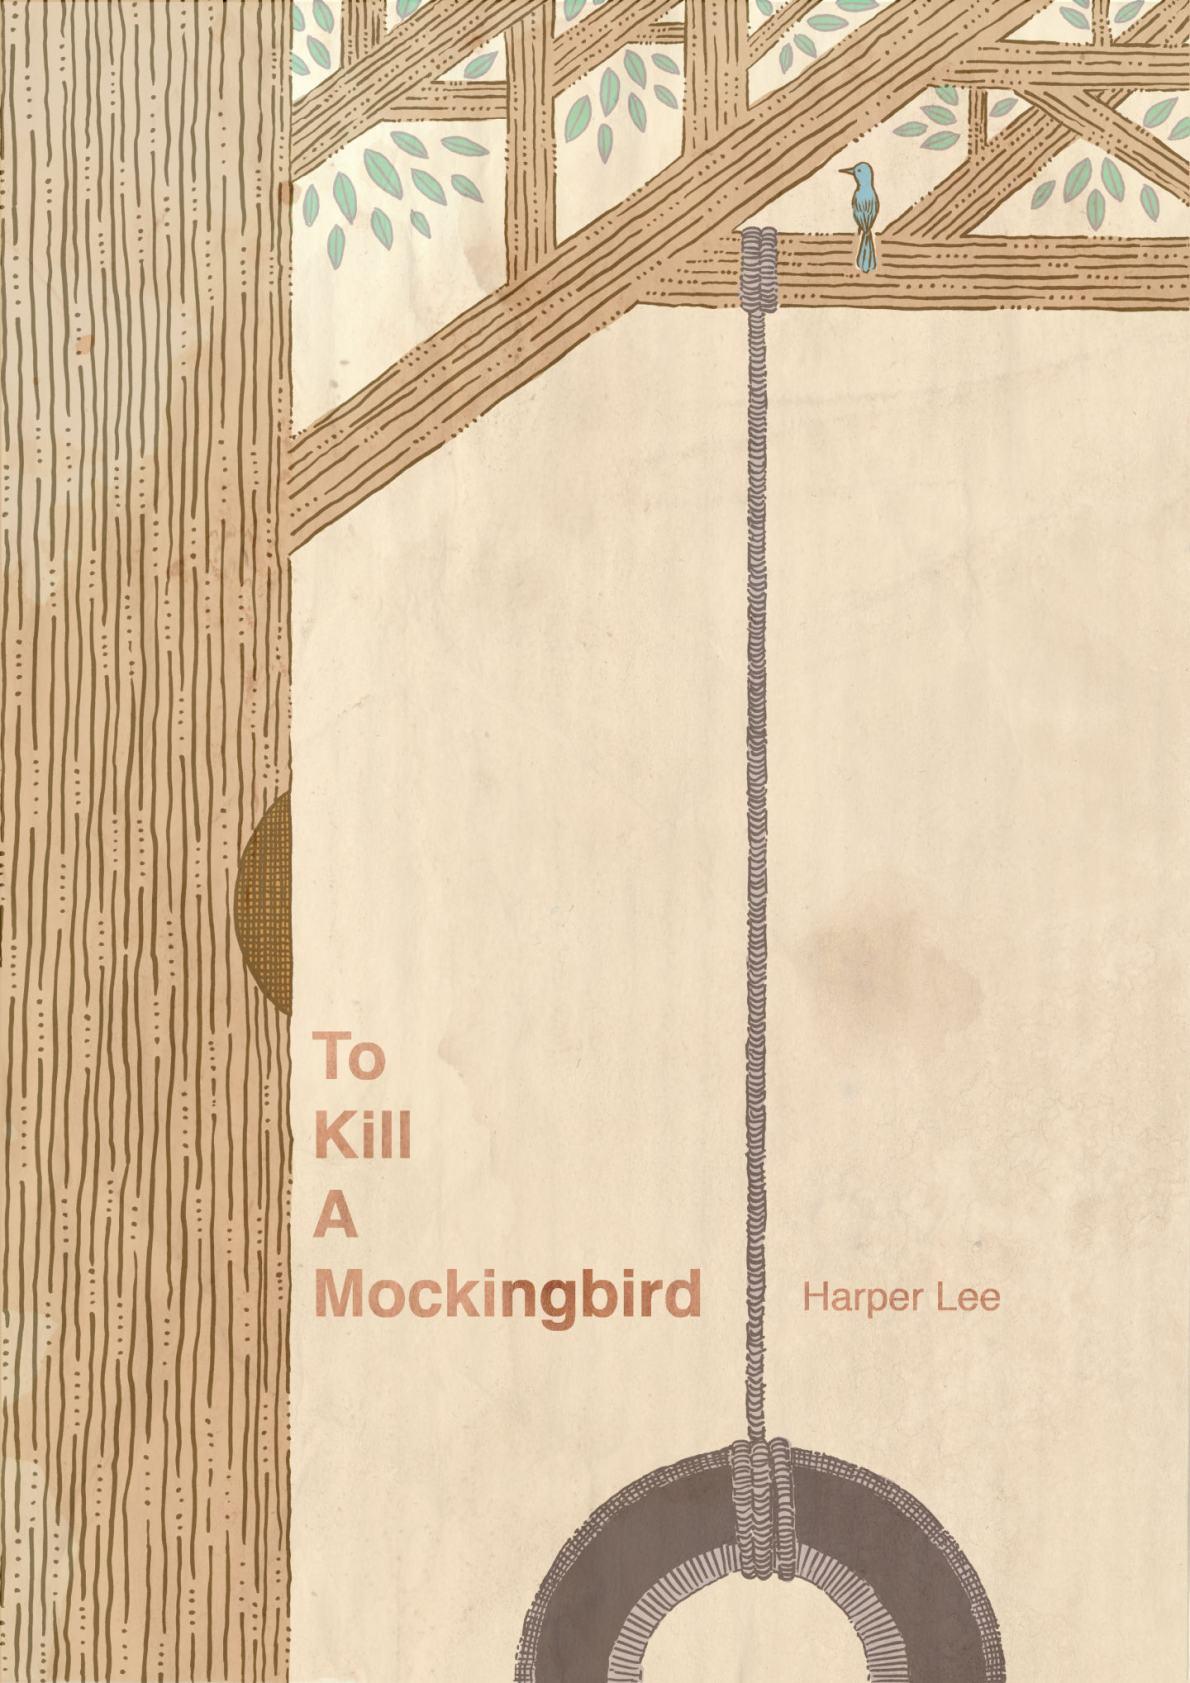 'To Kill a Mockingbird' cover - portfolio piece